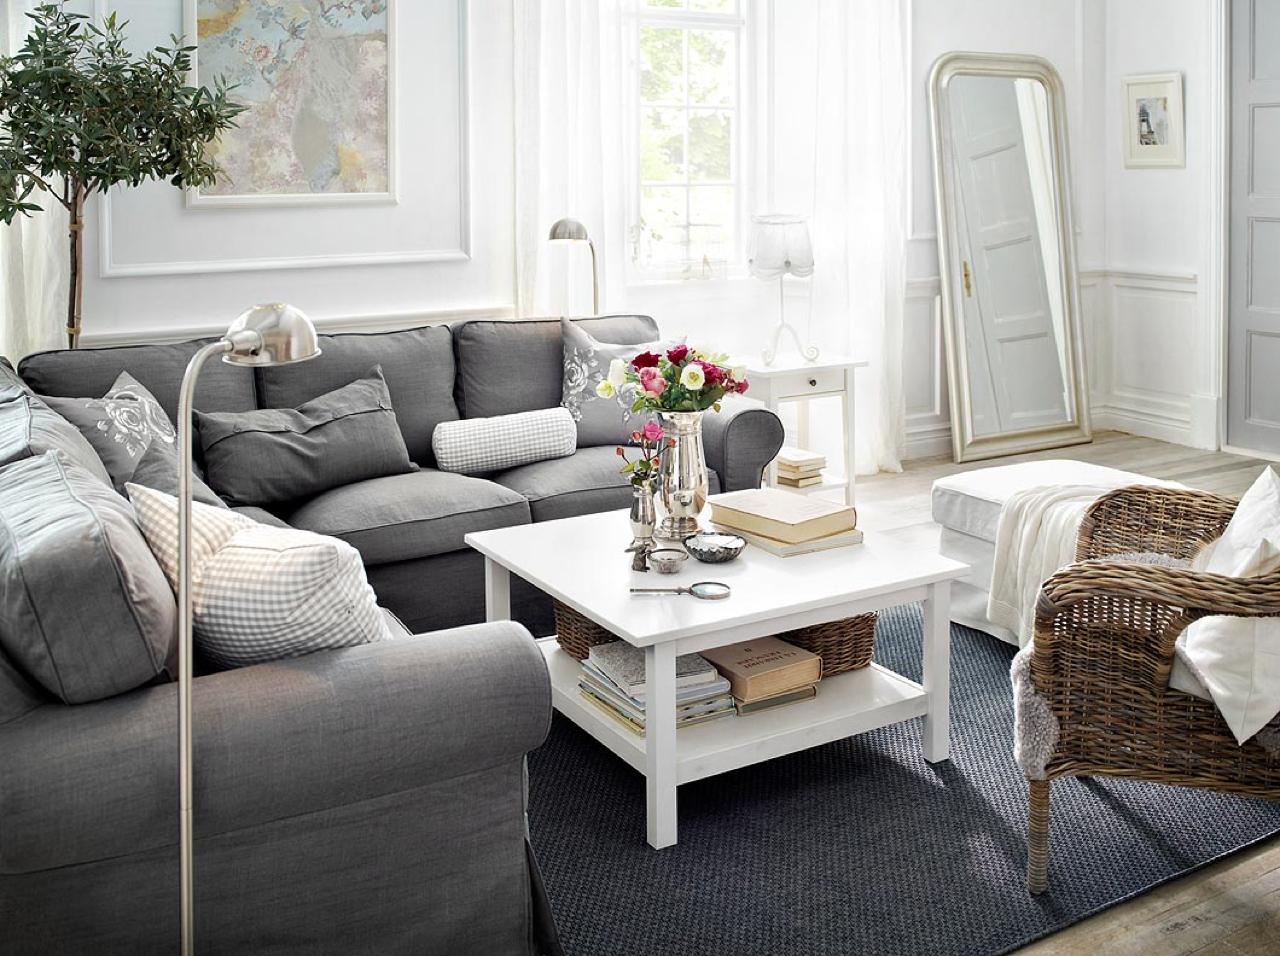 Arredare il soggiorno da ikea ecco 24 bellissimi soggiorni - Ikea tappeti soggiorno ...